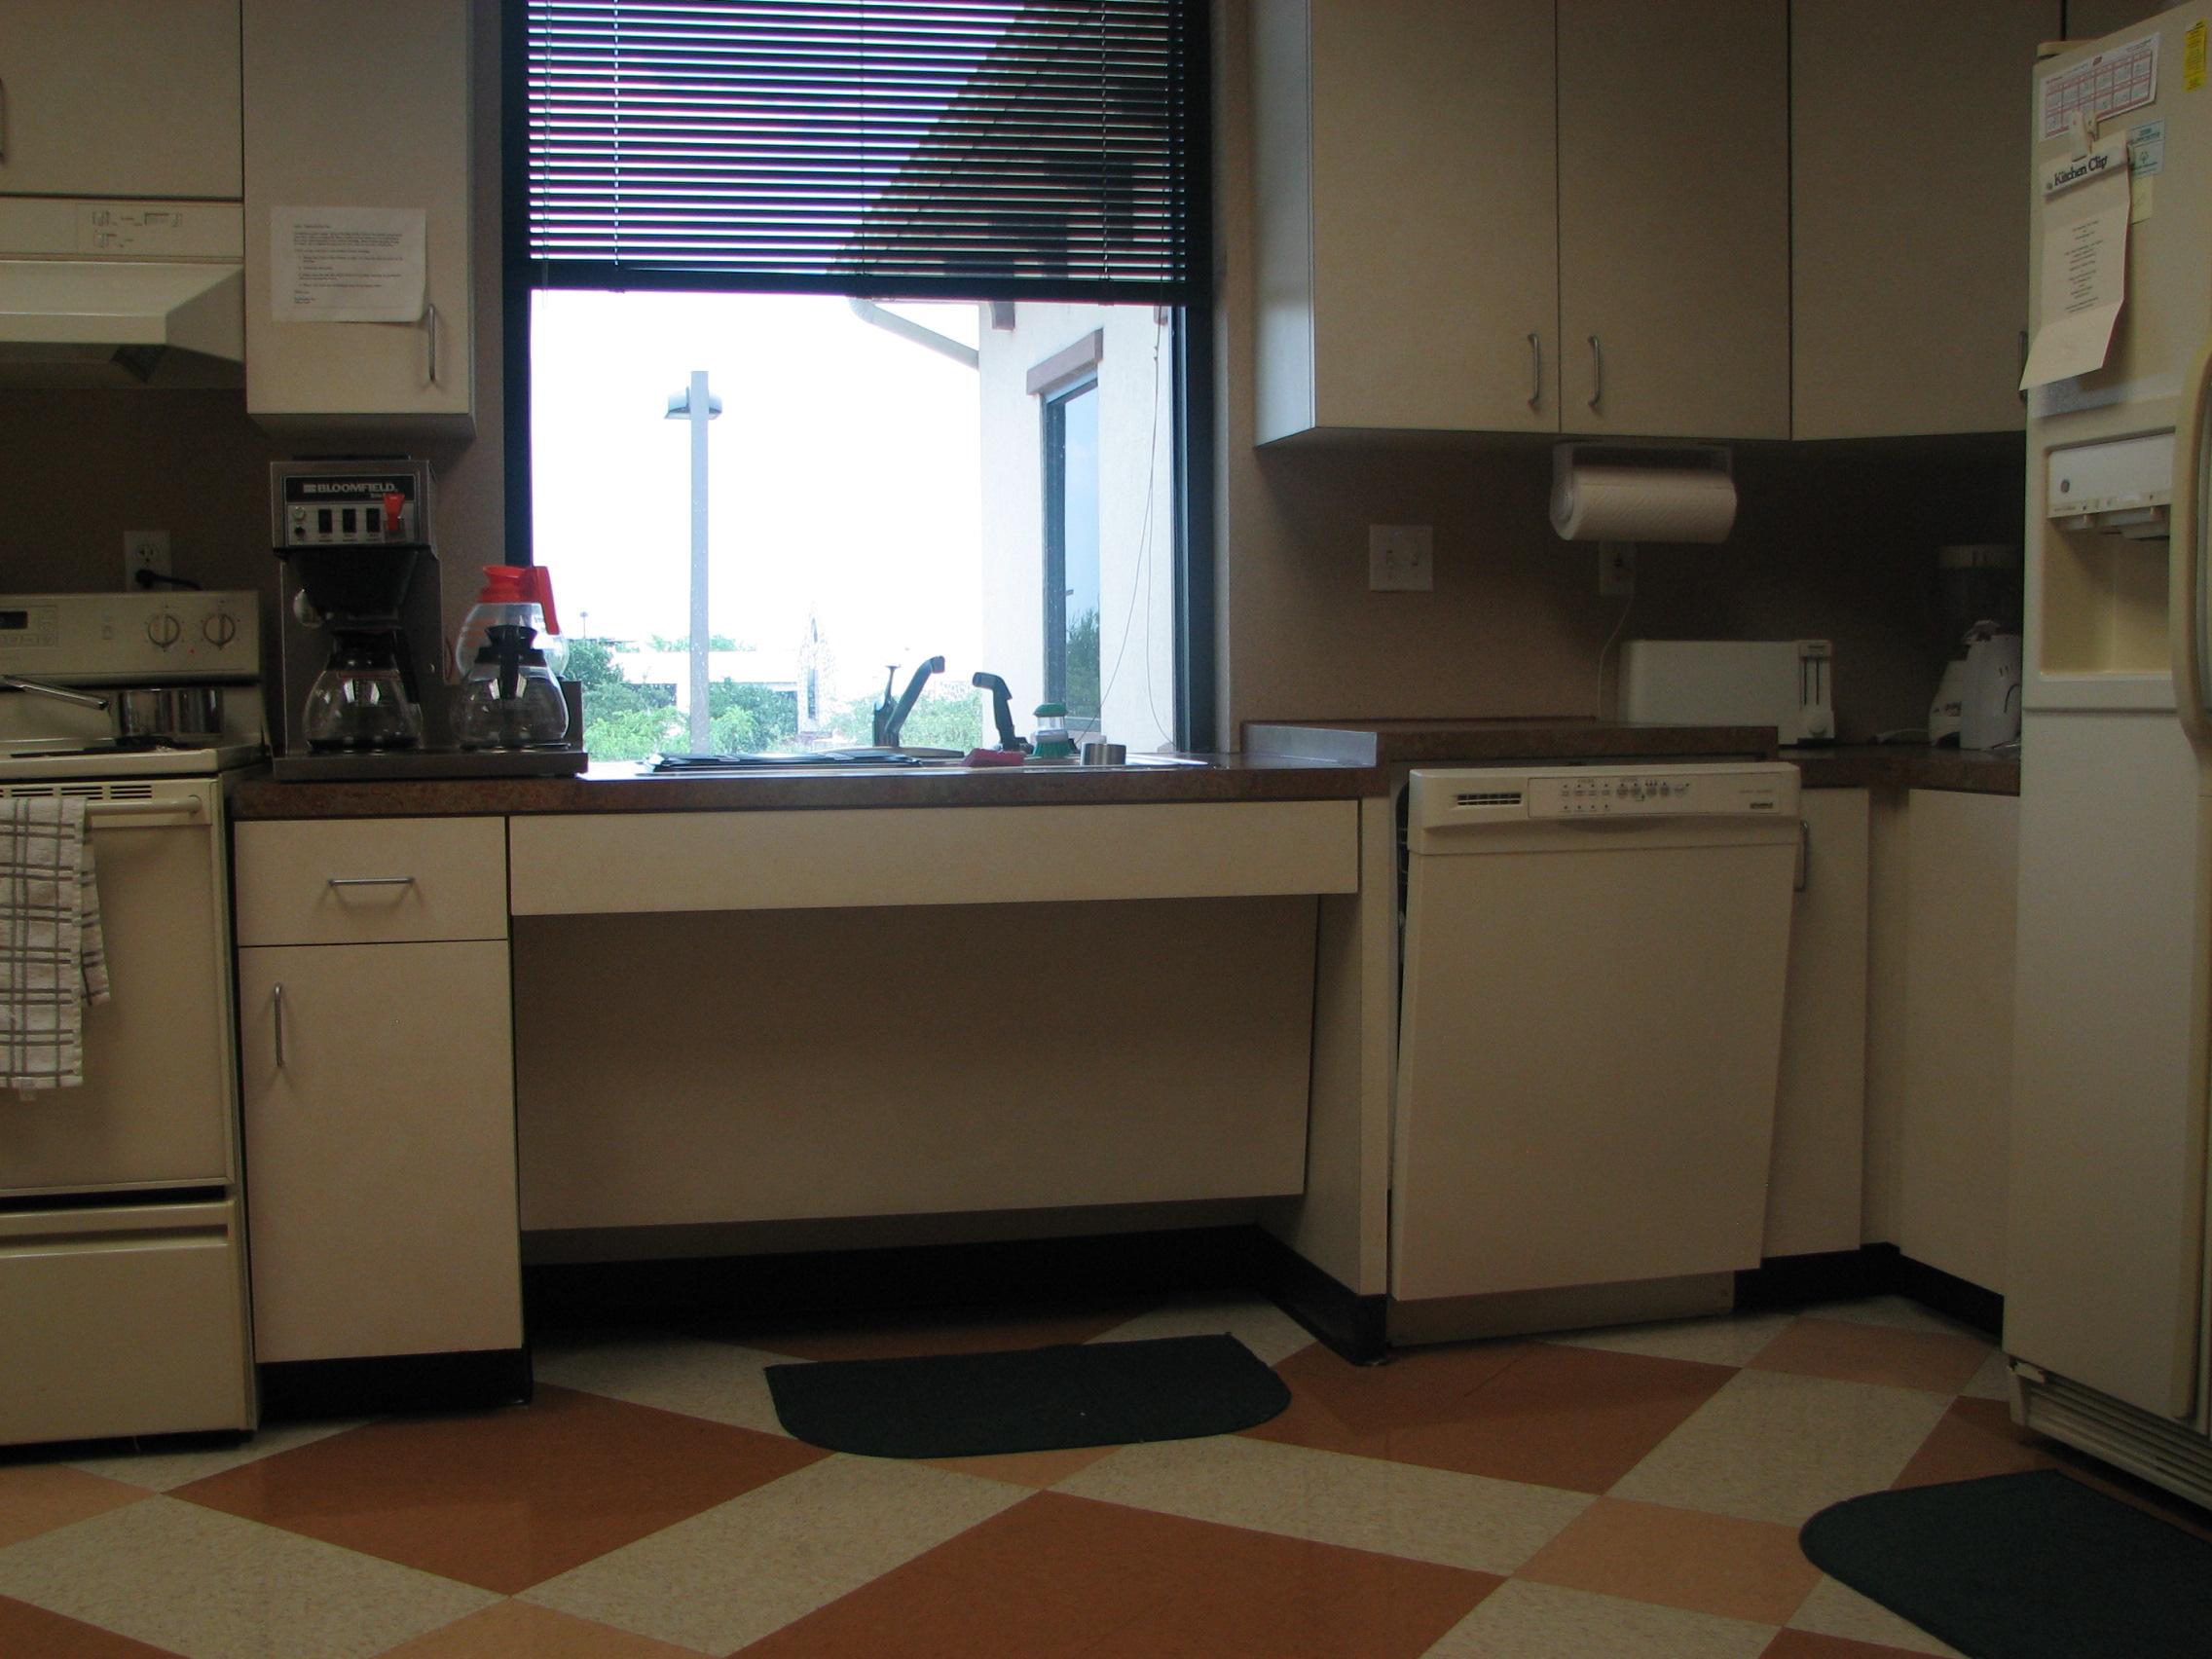 ADA Kitchen Cabinets in Austin Texas kitchen sink cabinets